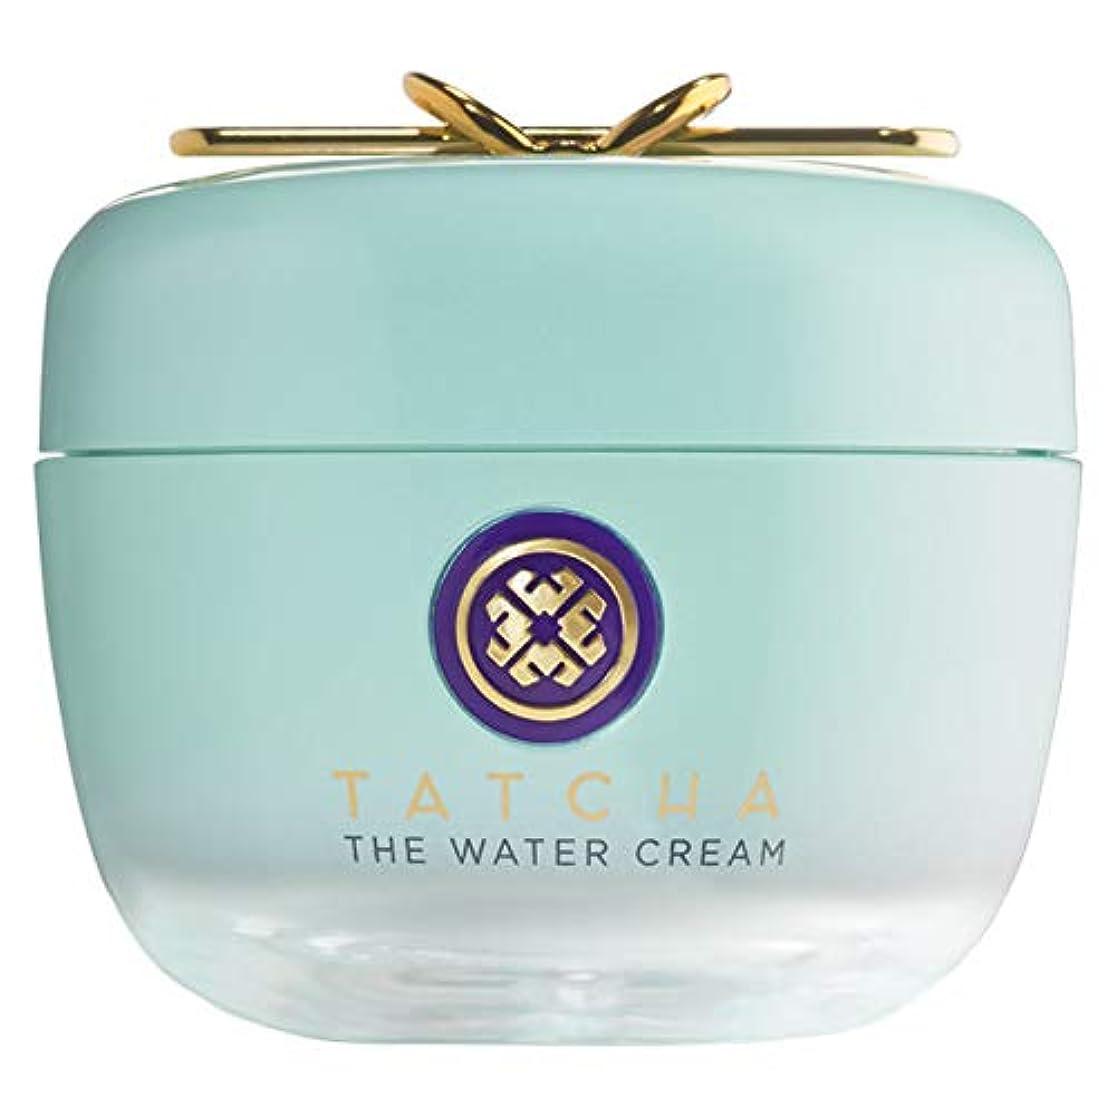 盲目慢オーストラリア人TATCHA The Water Cream 50ml タチャ ウォータークリーム